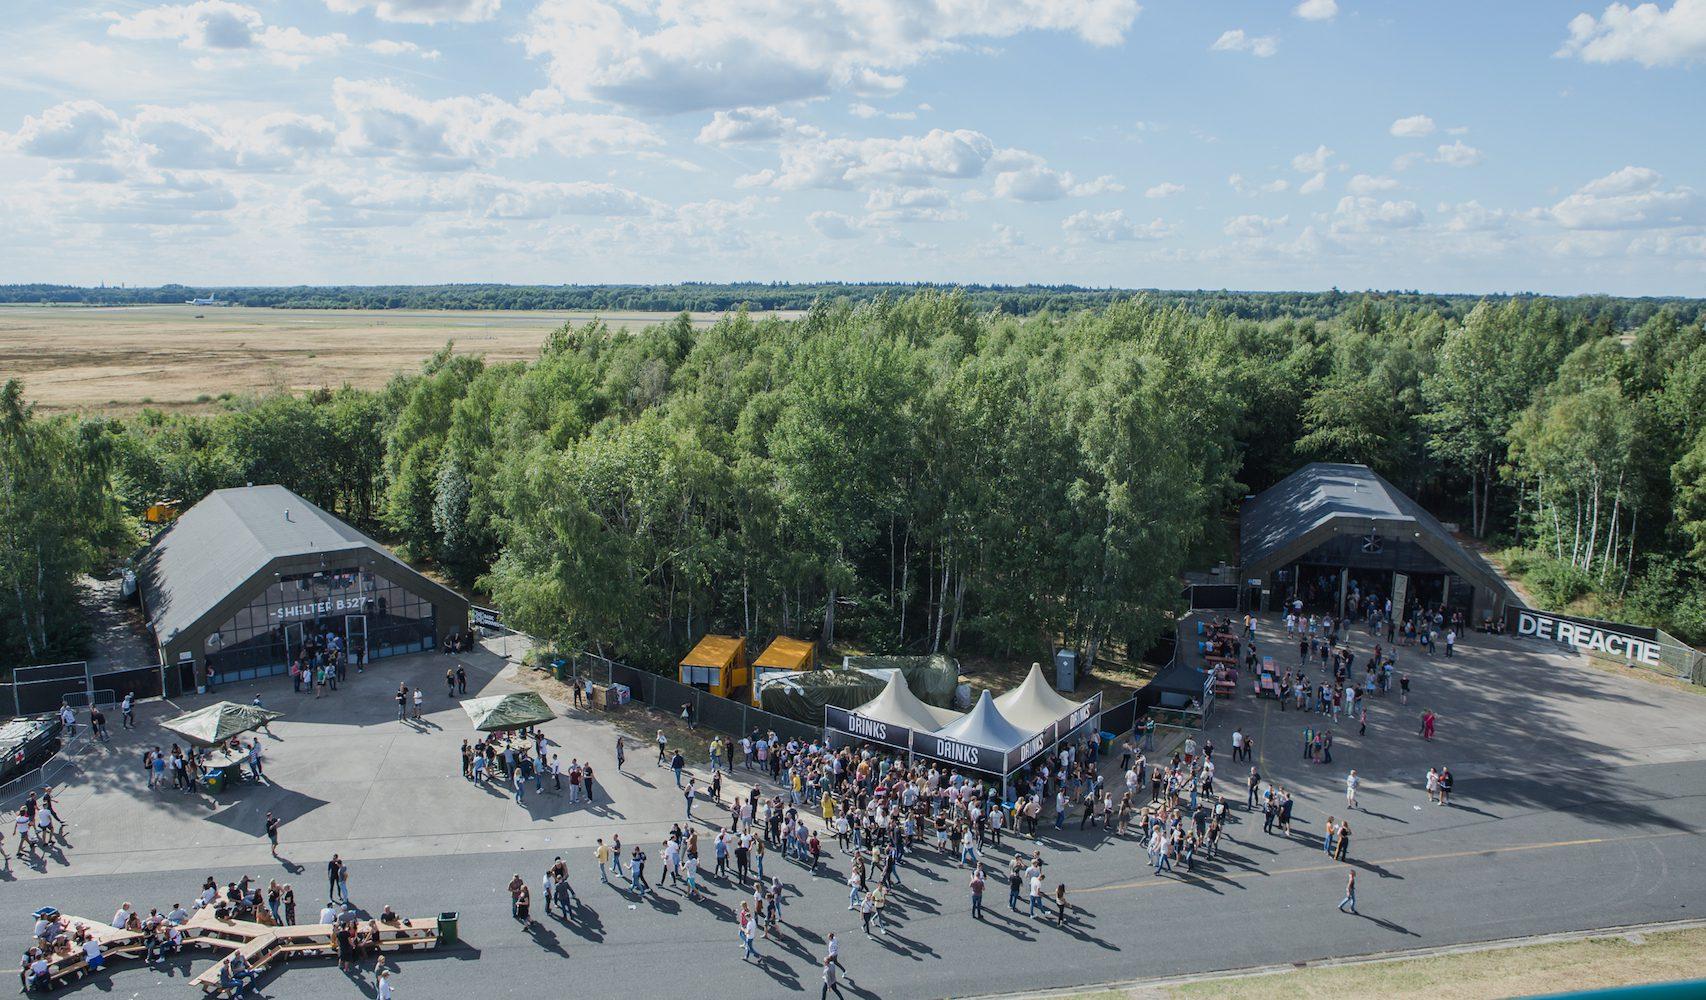 Onder De Radar Festival 2019